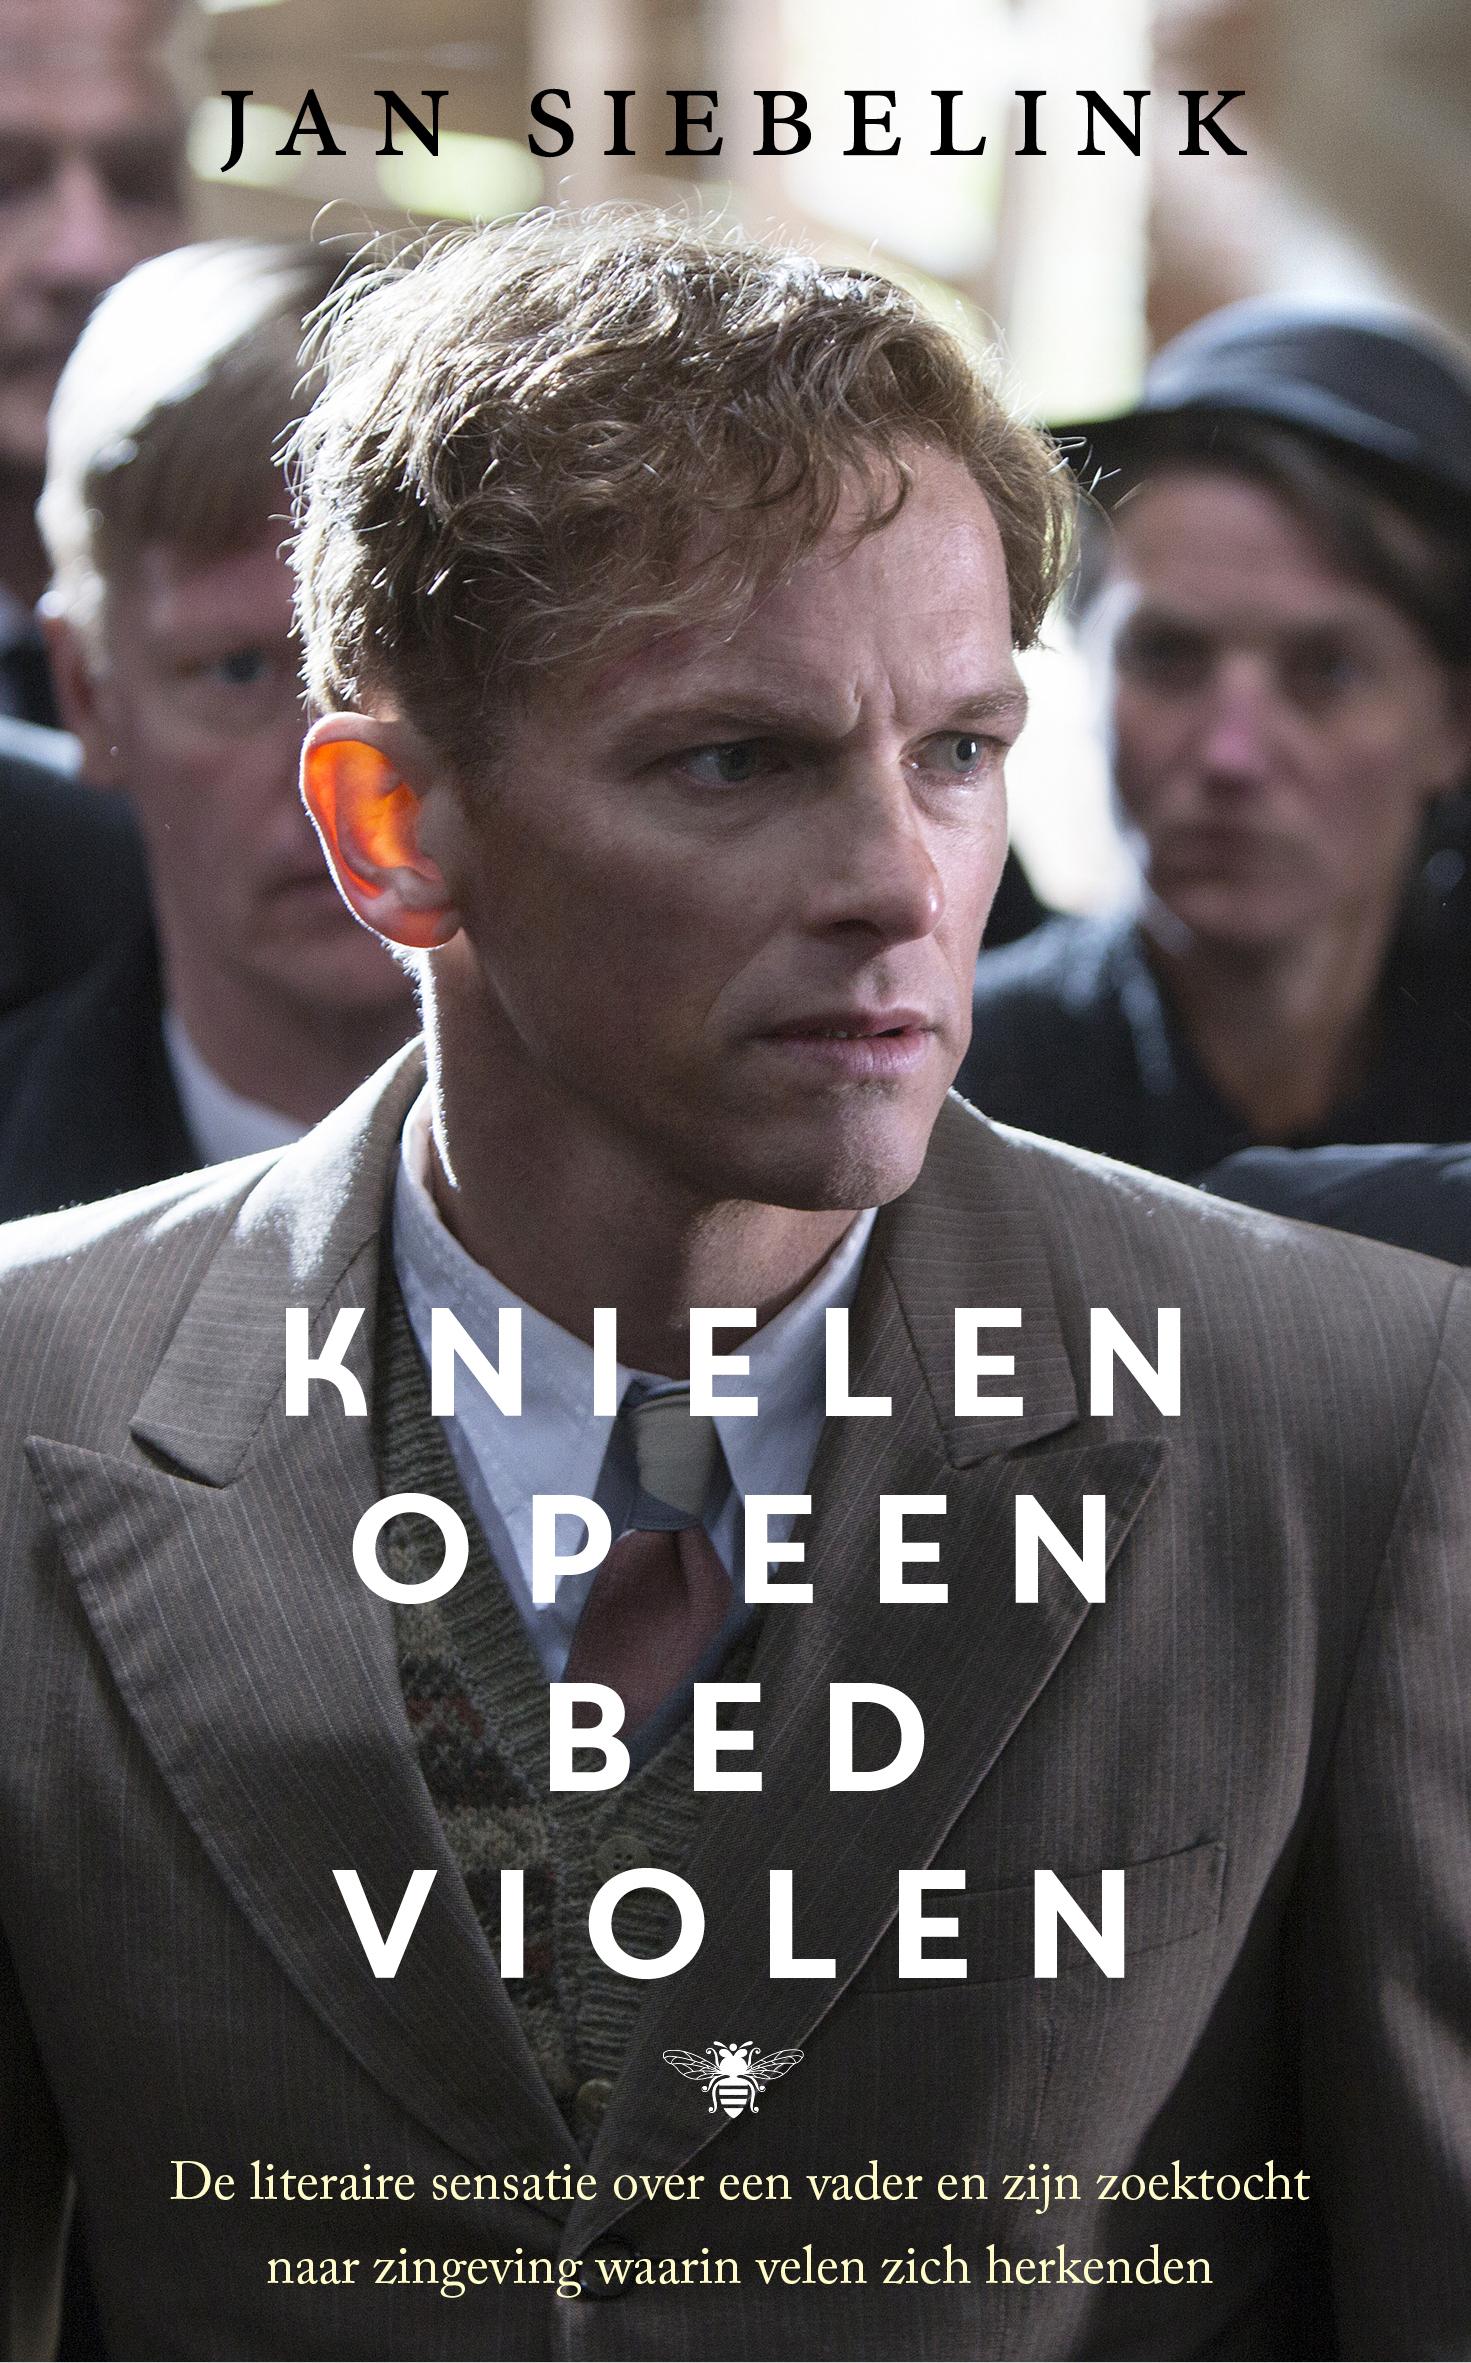 Knielen op een bed violen – Jan Siebelink